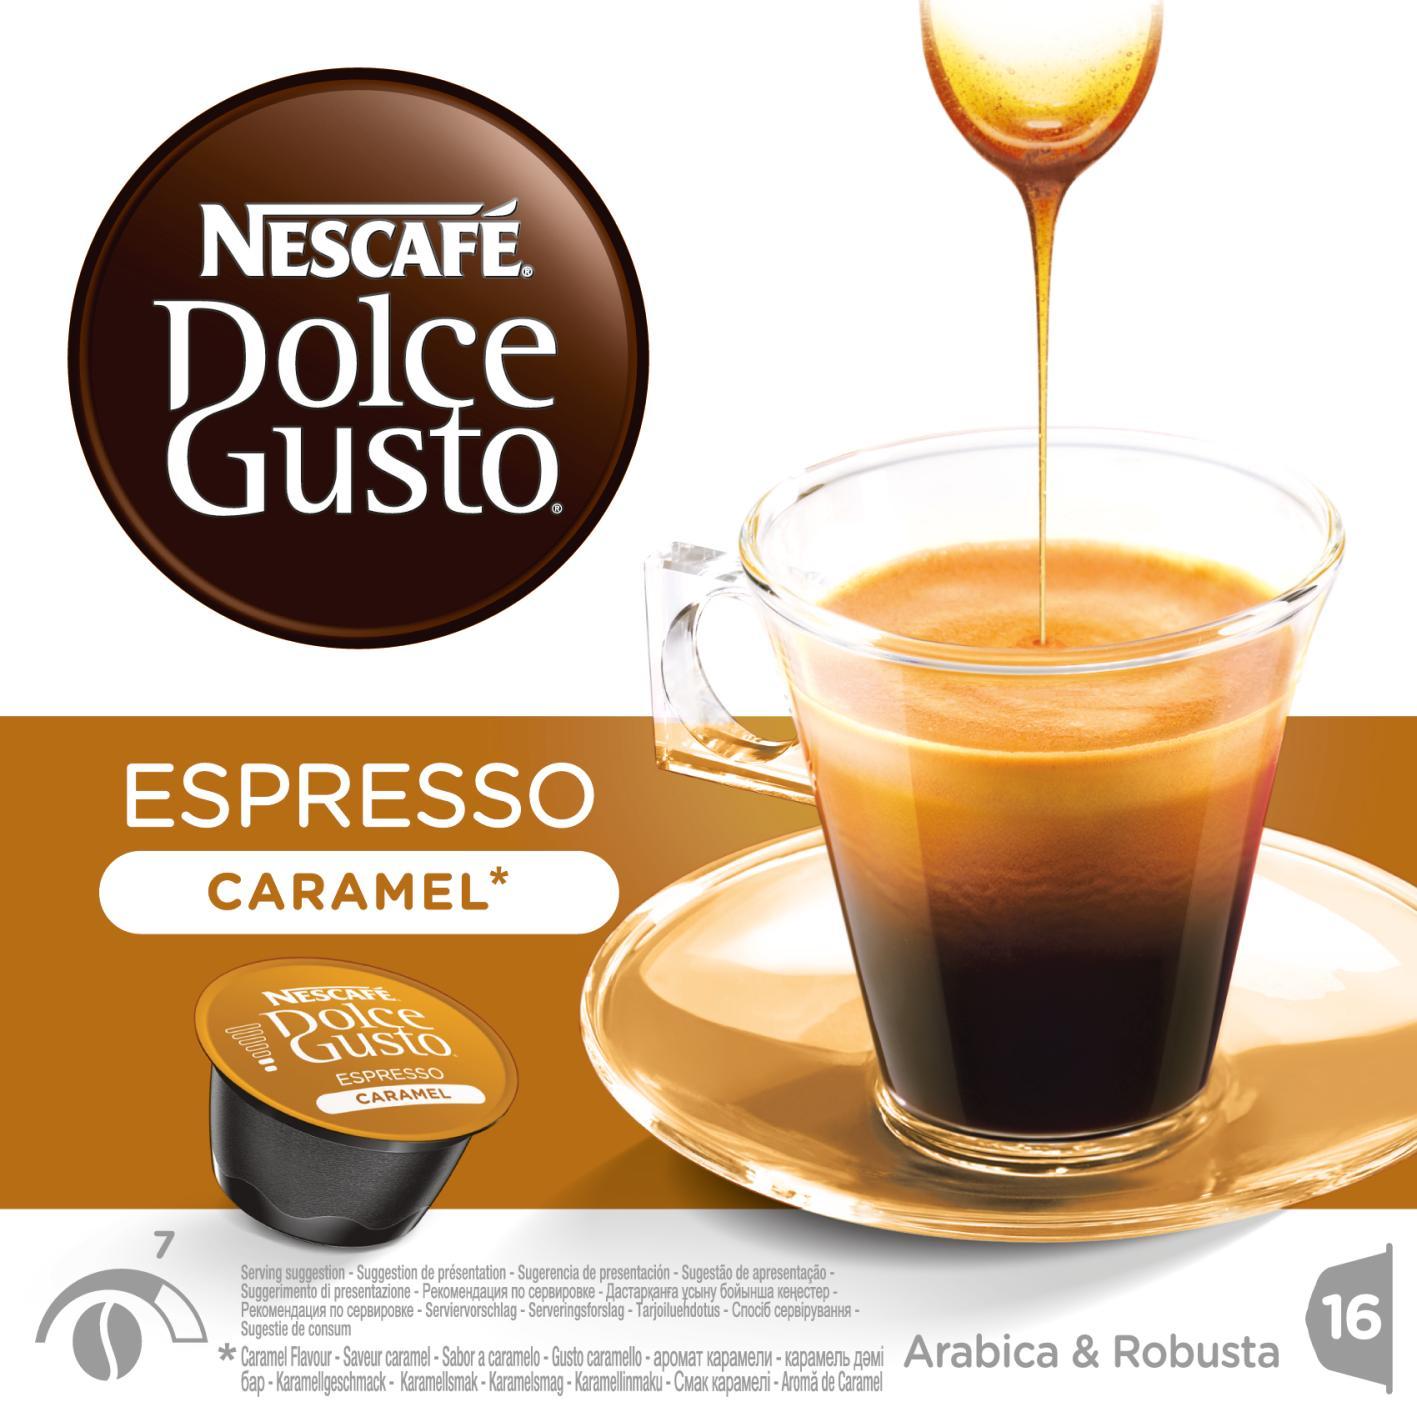 Эспрессо - описание продукта на